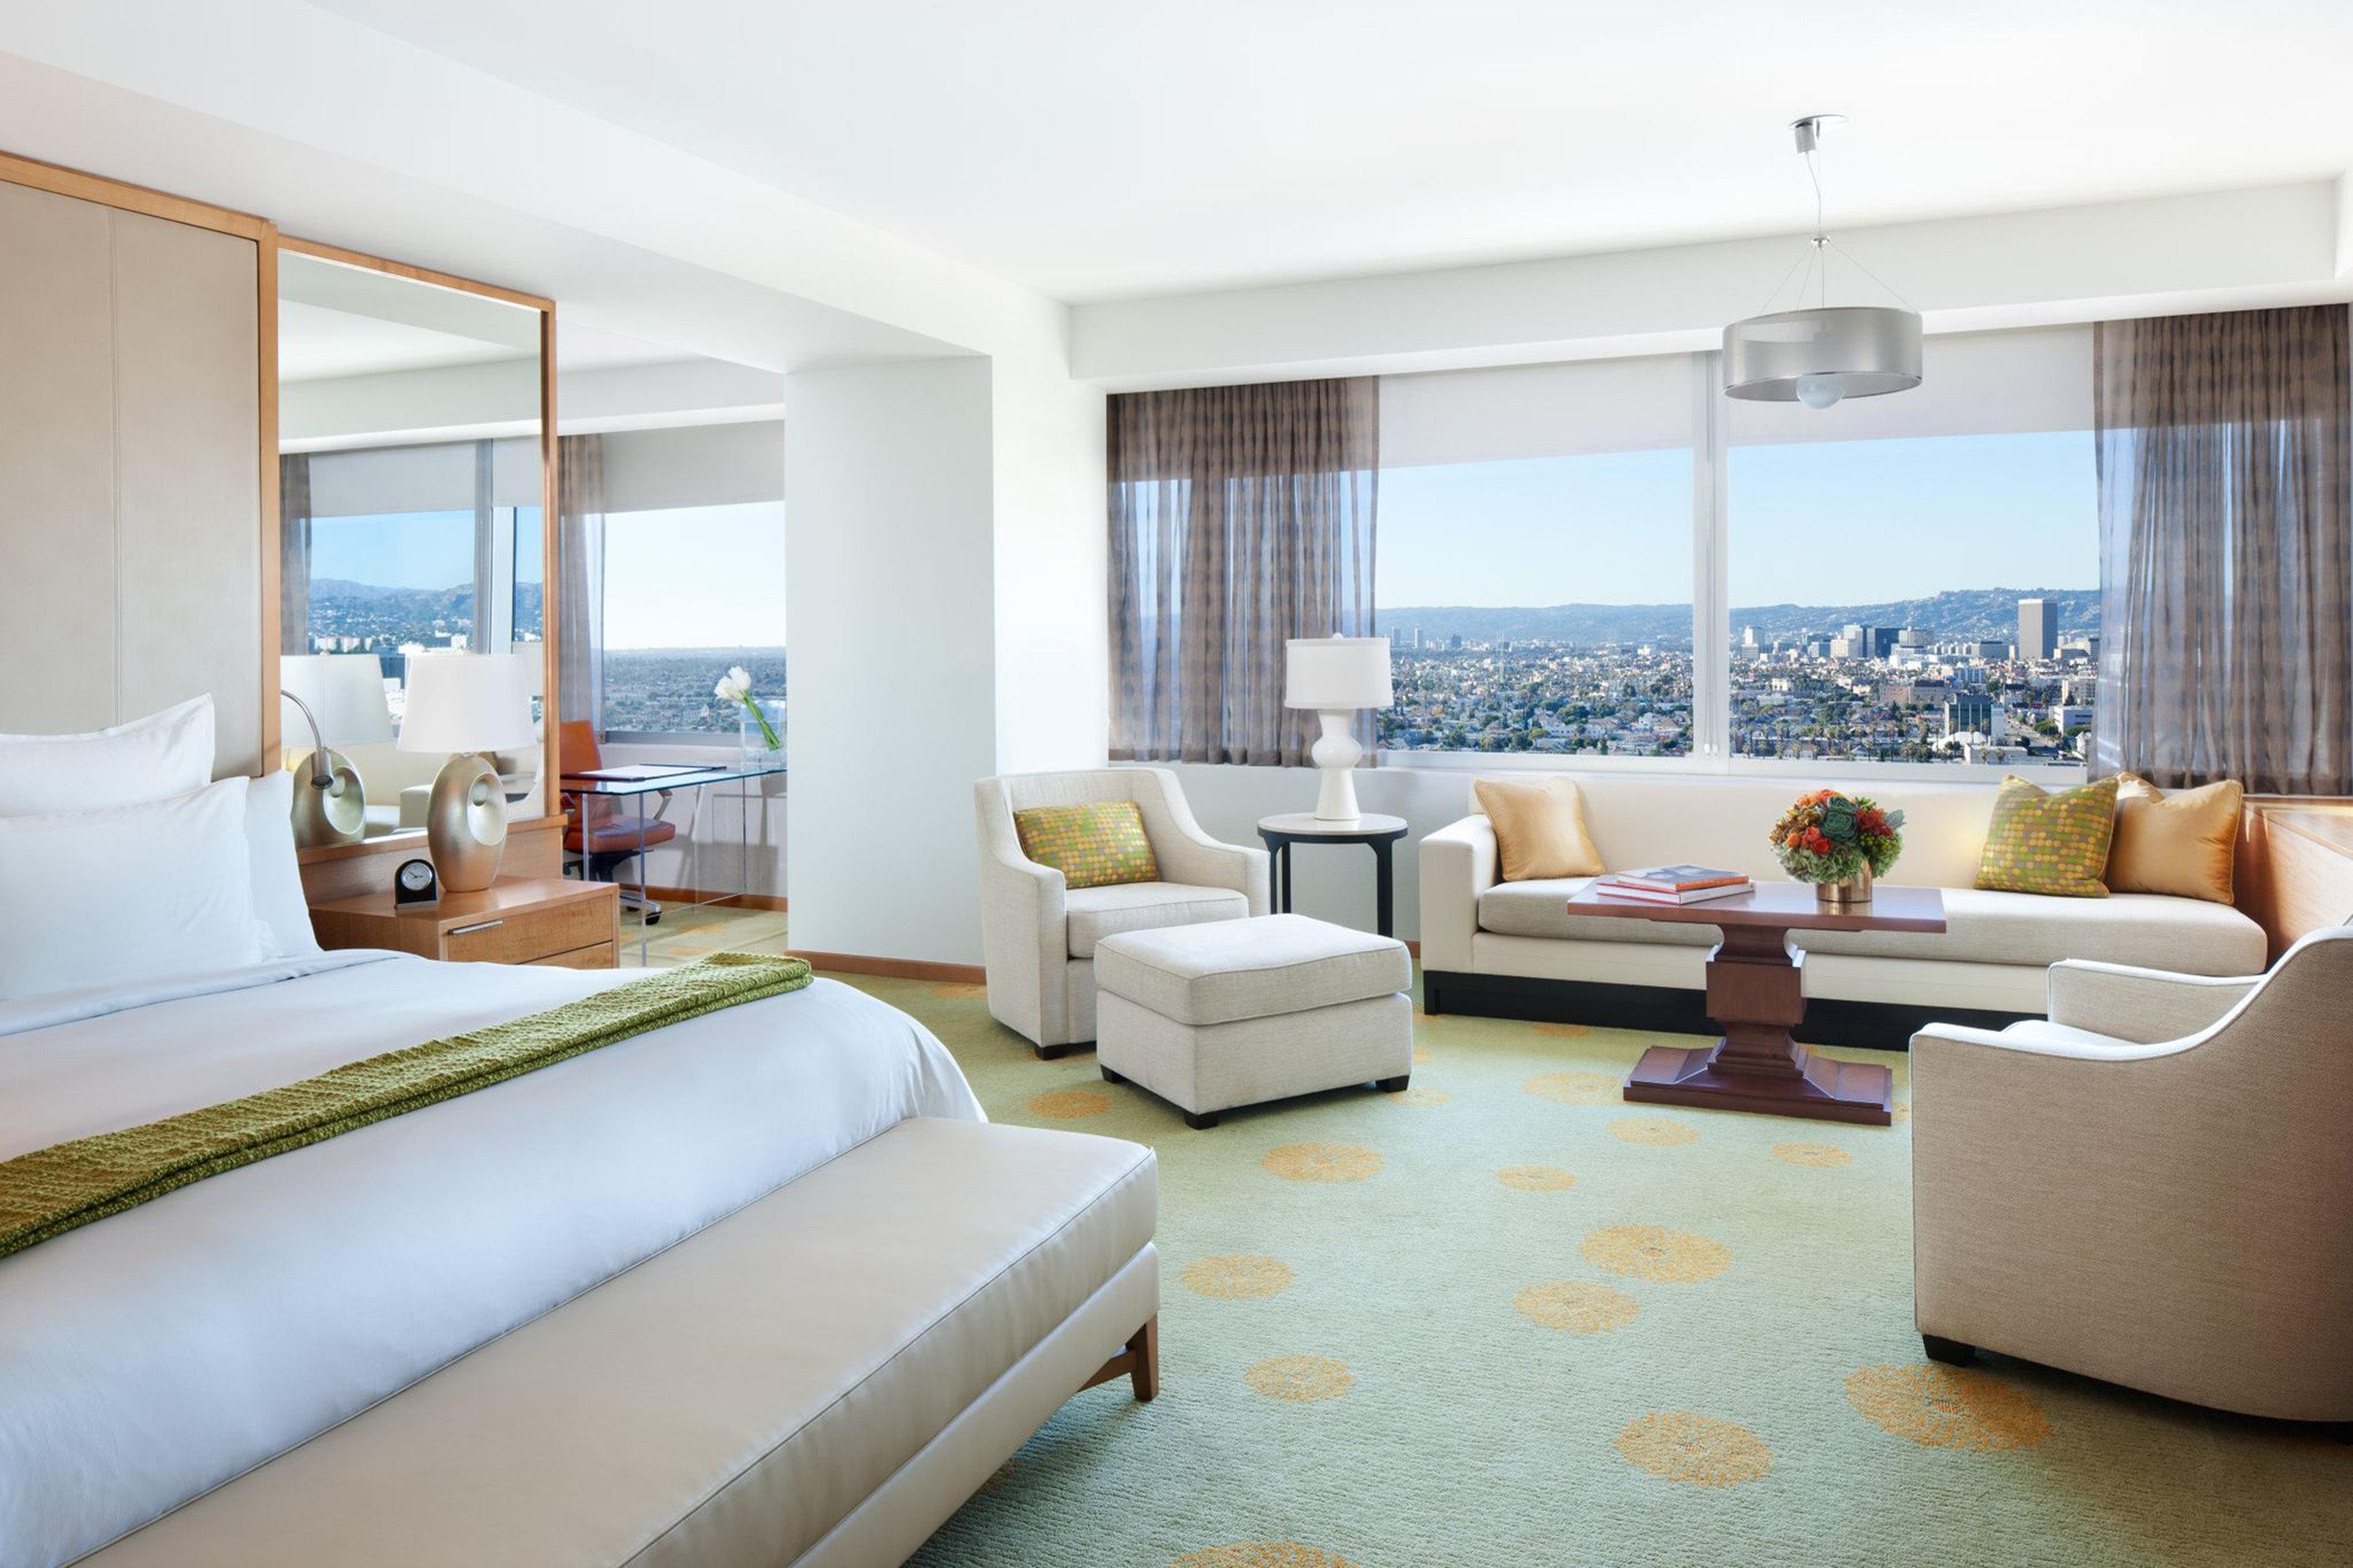 Bedroom City Elegant Modern Sea Suite sofa property condominium living room home Villa flat